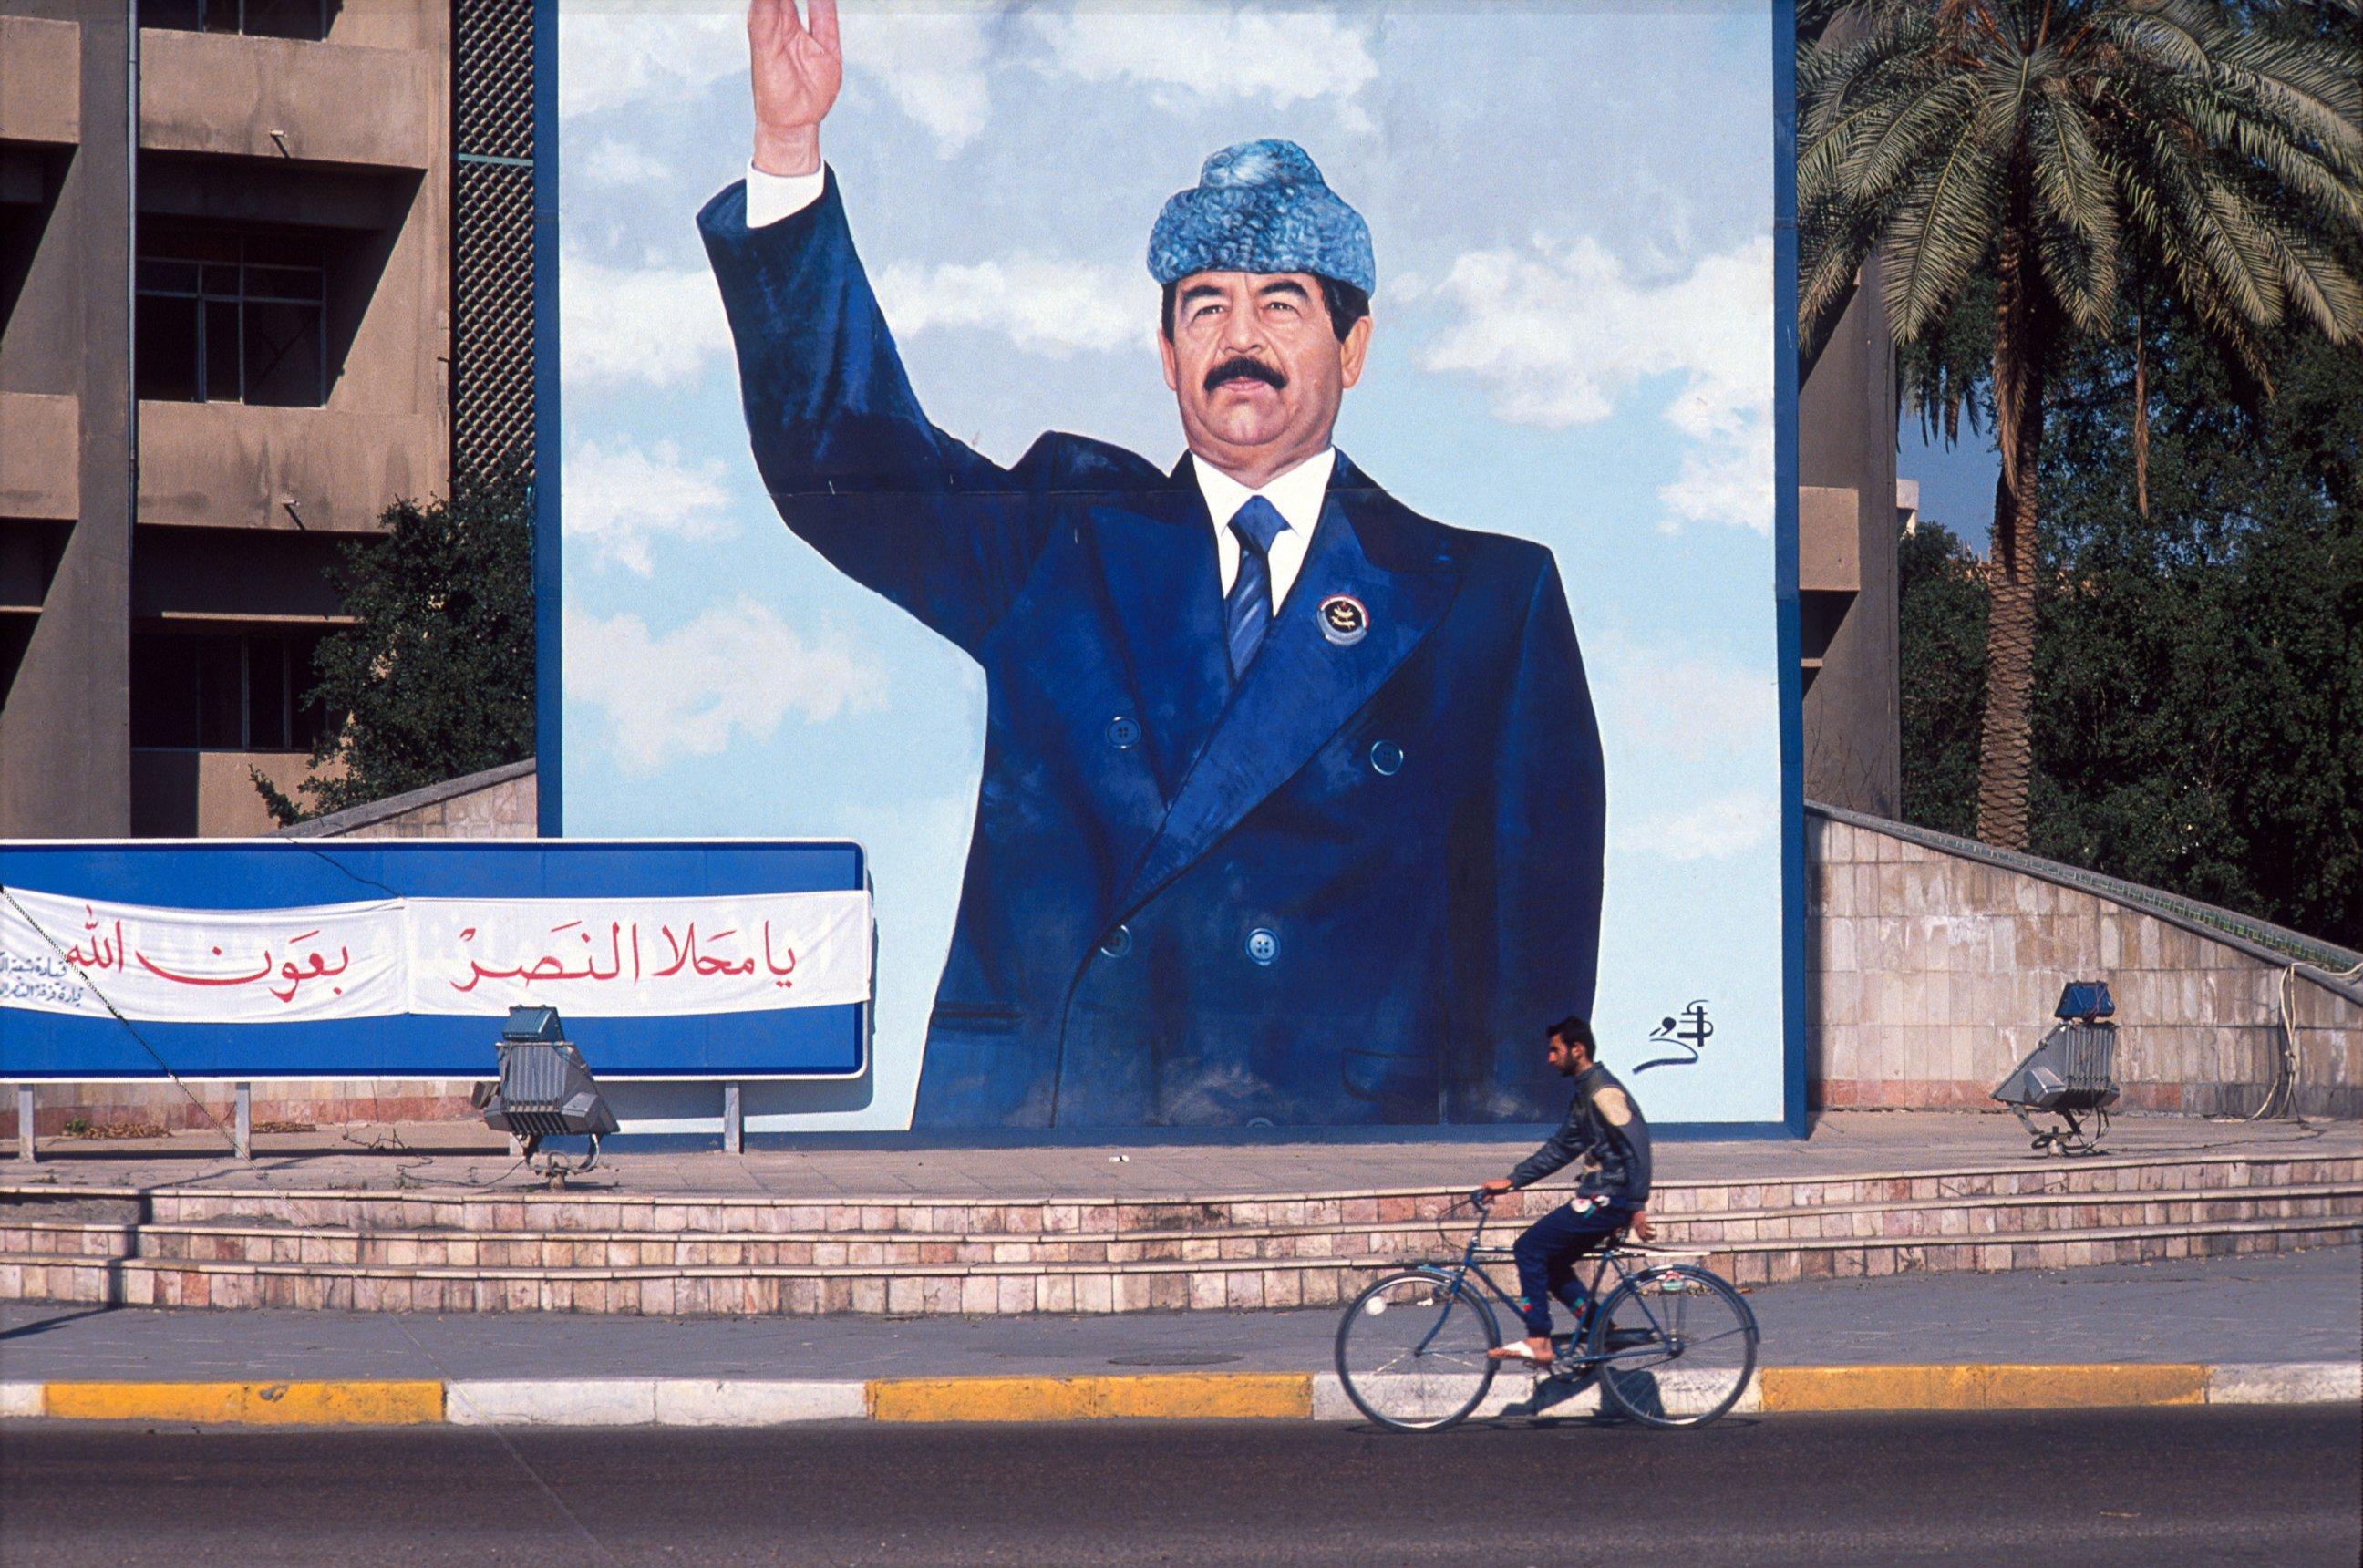 كاتبة عراقية : أعتذر منك يا صدام حسين لأنني رقصت وفرحت يوم سقوطك